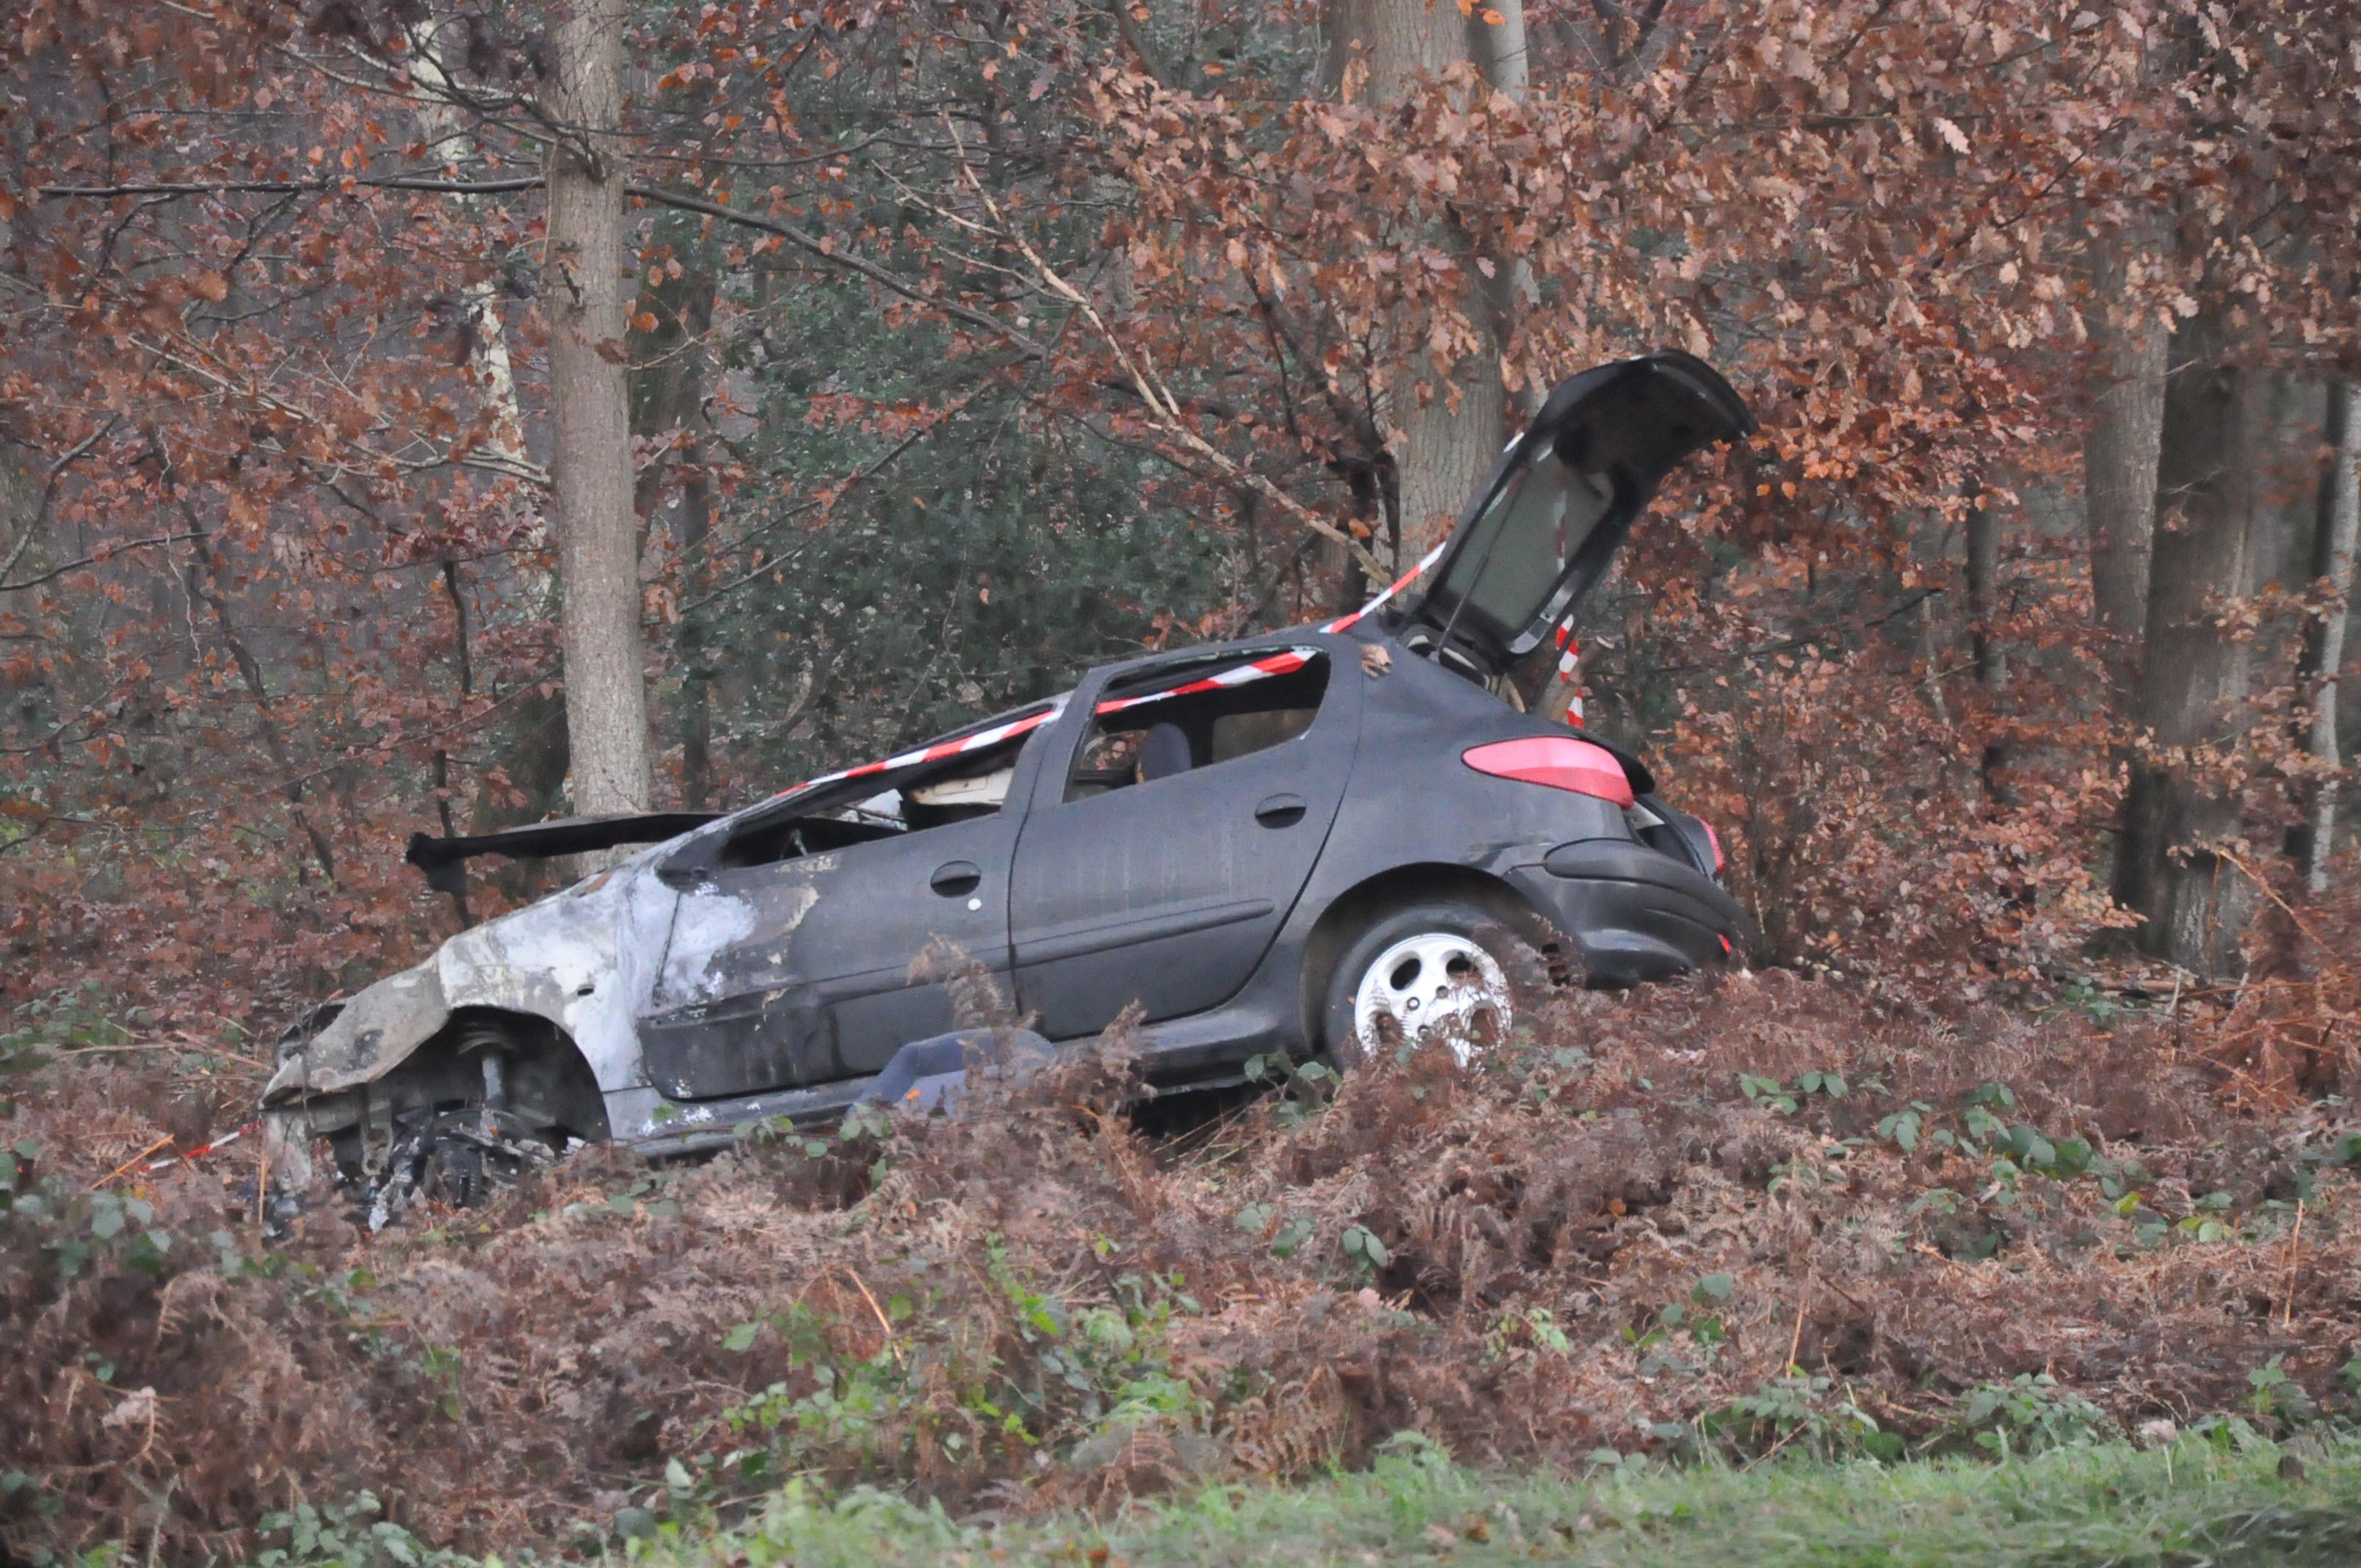 Enquête sur un feu de voiture suspect à Val-de-Reuil